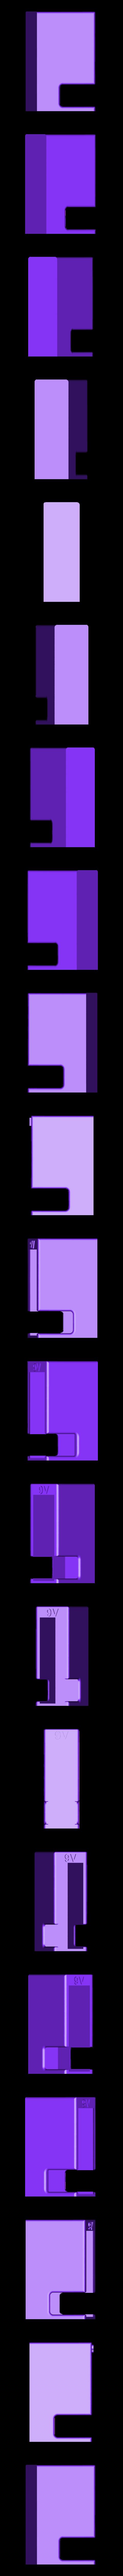 9V_holder.stl Download free STL file Battery Holder • Design to 3D print, milasls